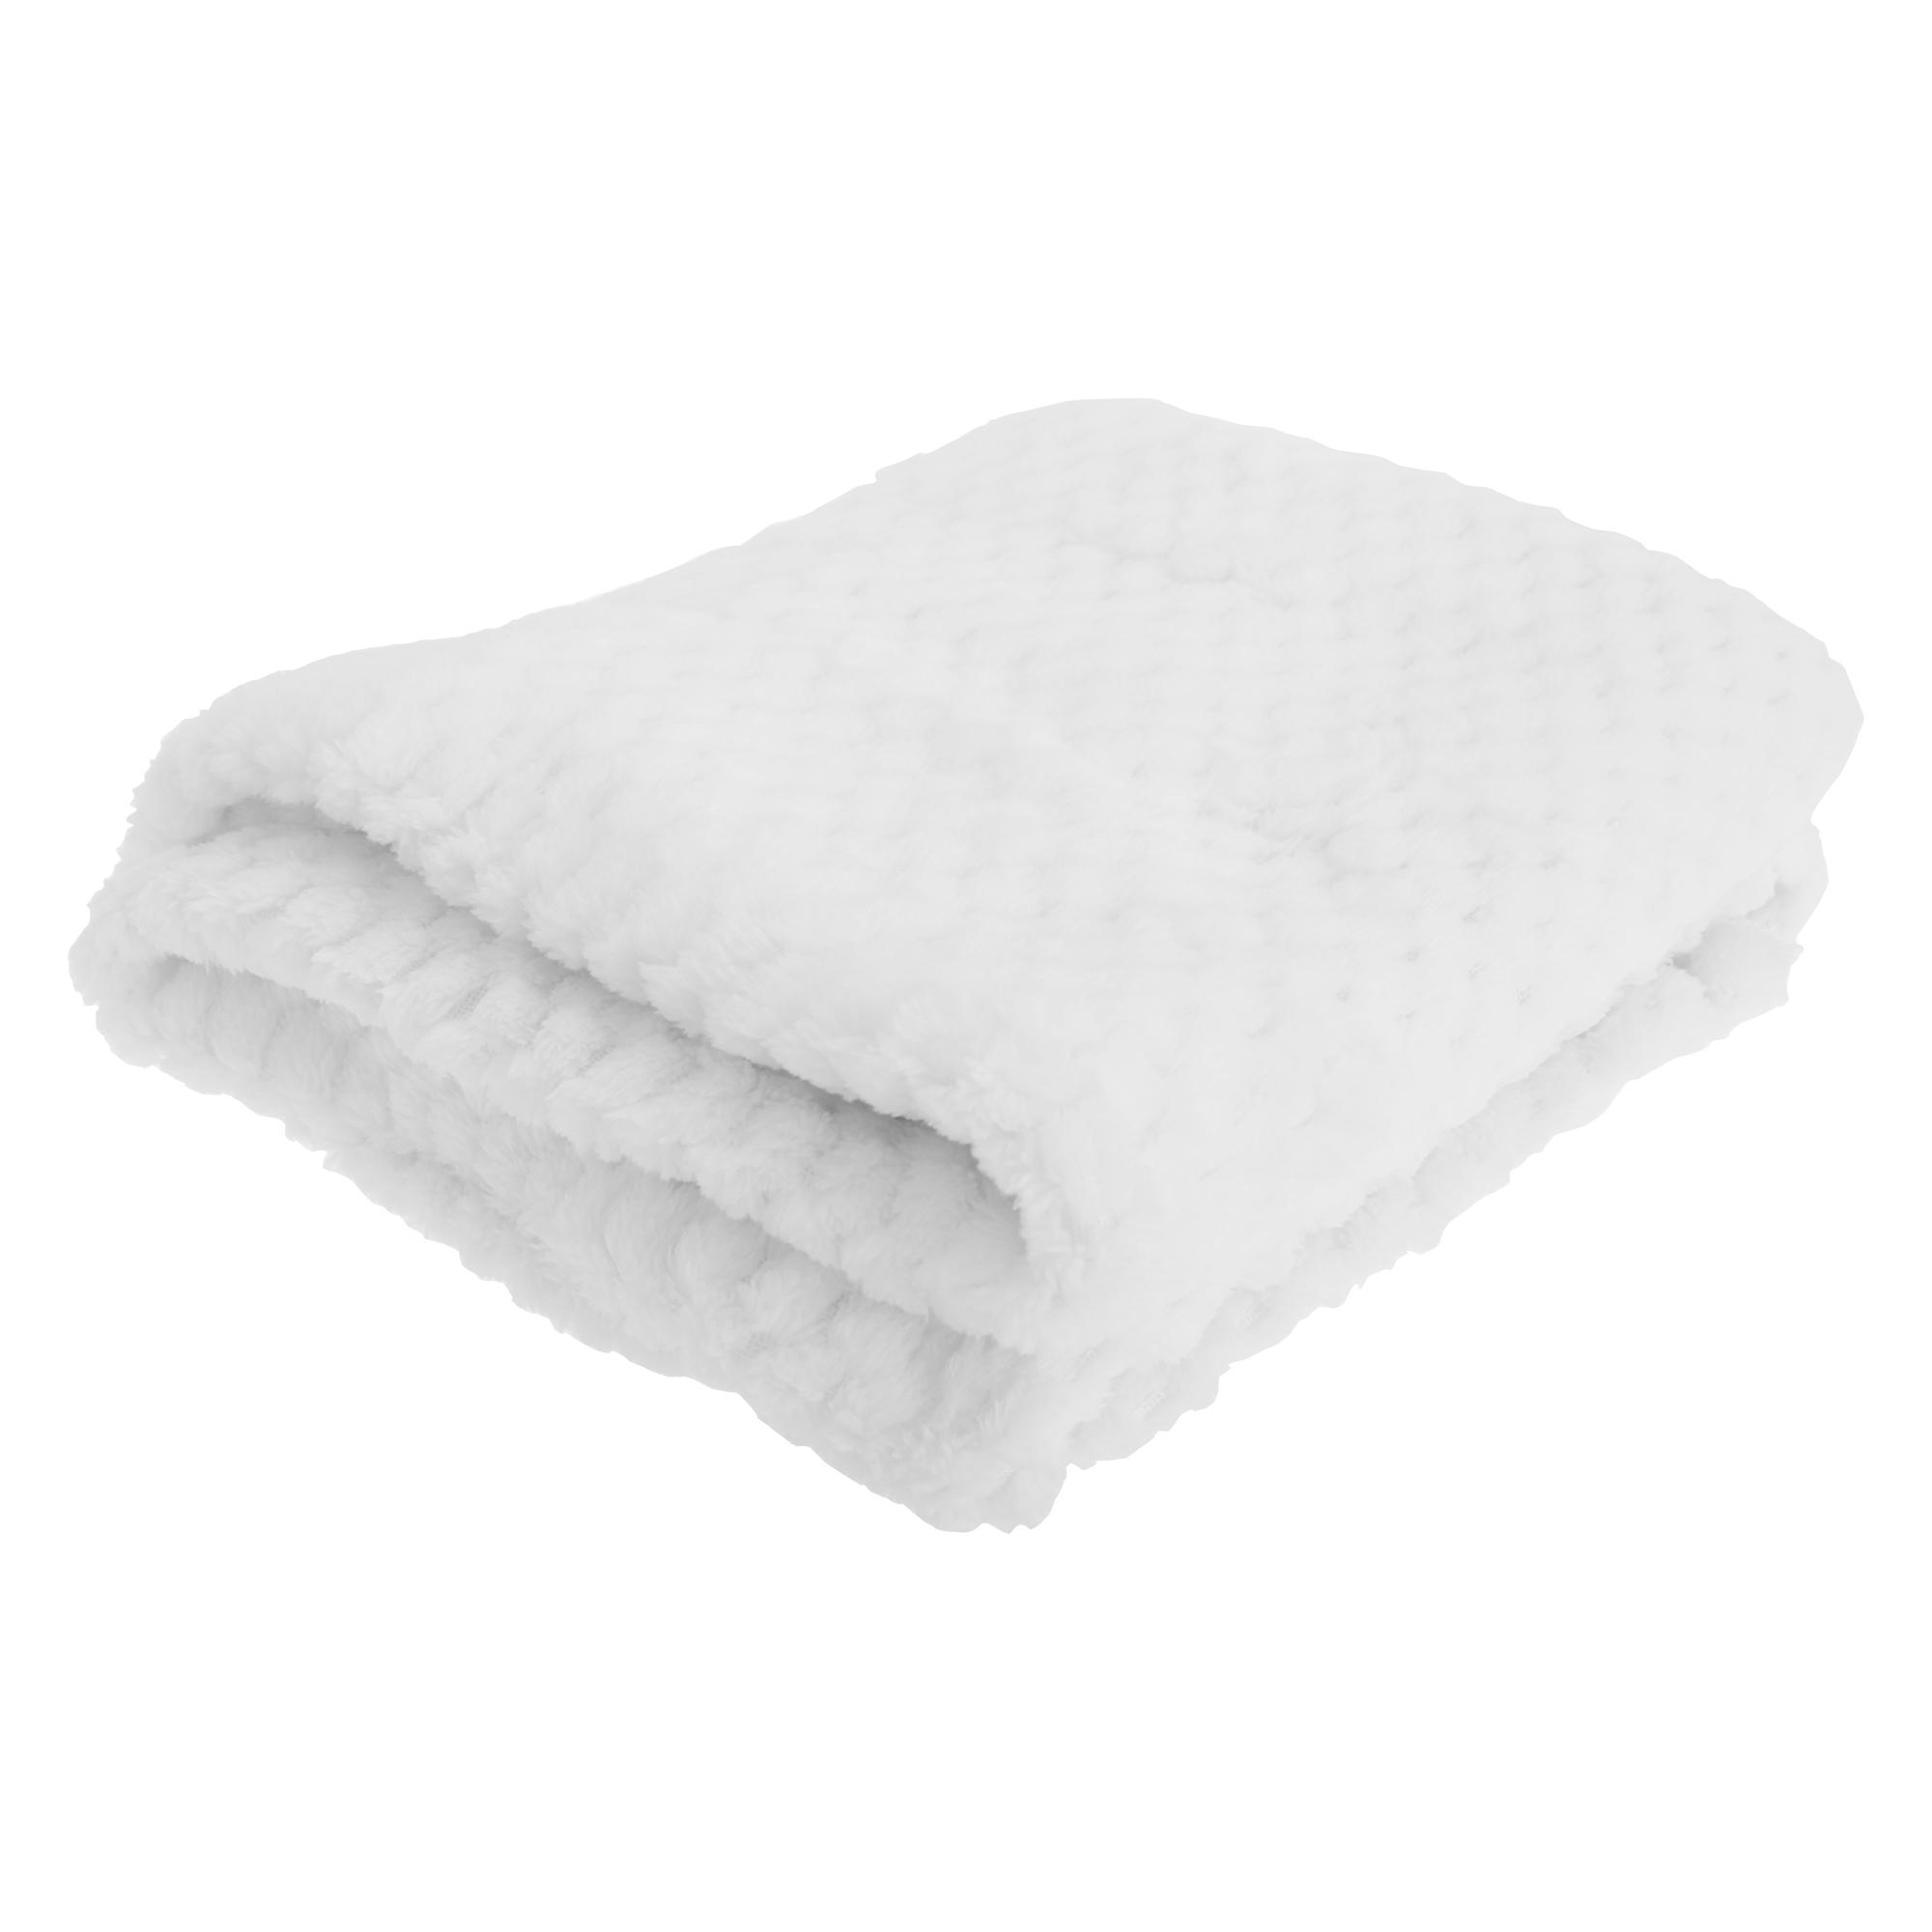 Baby-Manta-suave-con-textura-para-ninos-BABY1375